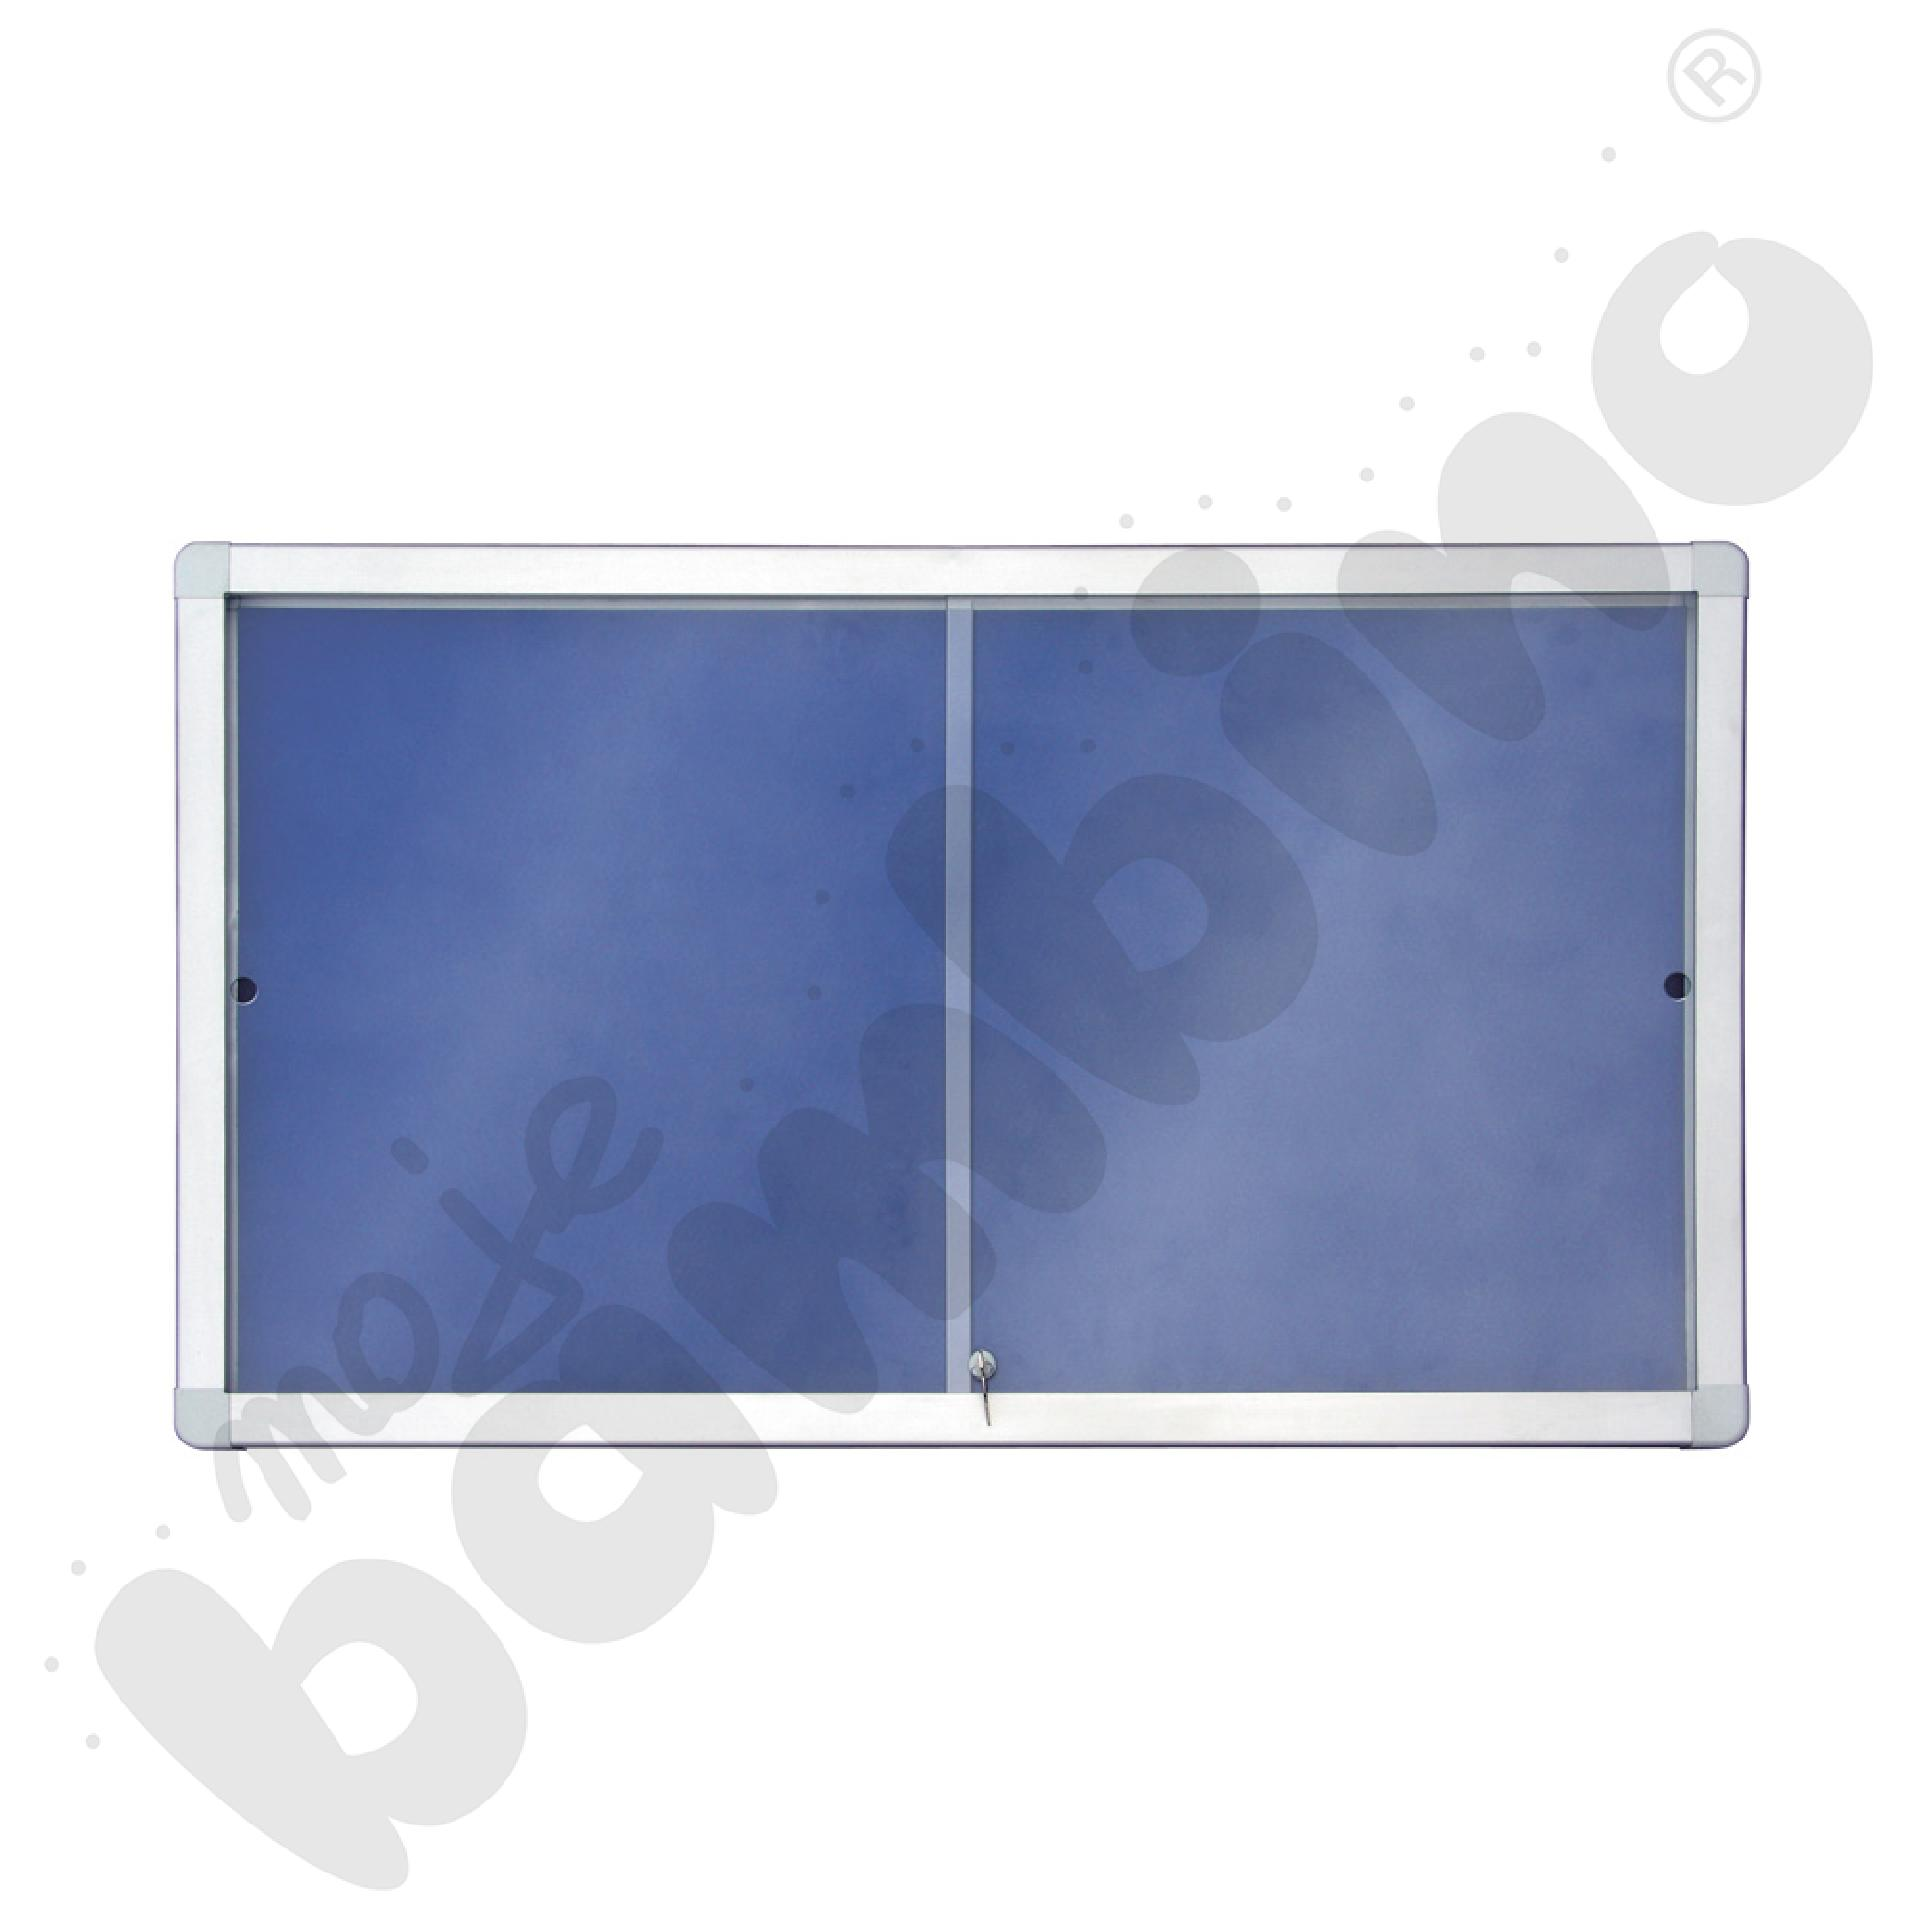 Gablota wewnętrzna tekstylna z przesuwnymi drzwiami 141 x 70 cm